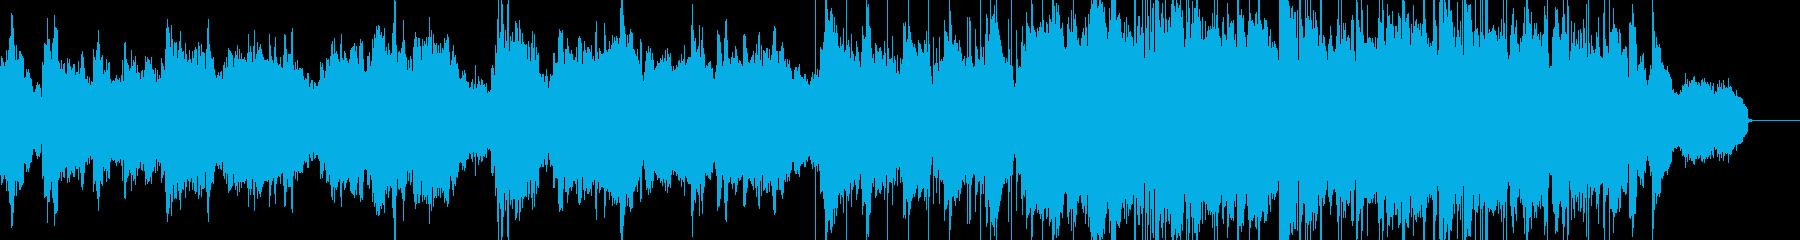 サックスによるしっとり切ないバラードの再生済みの波形